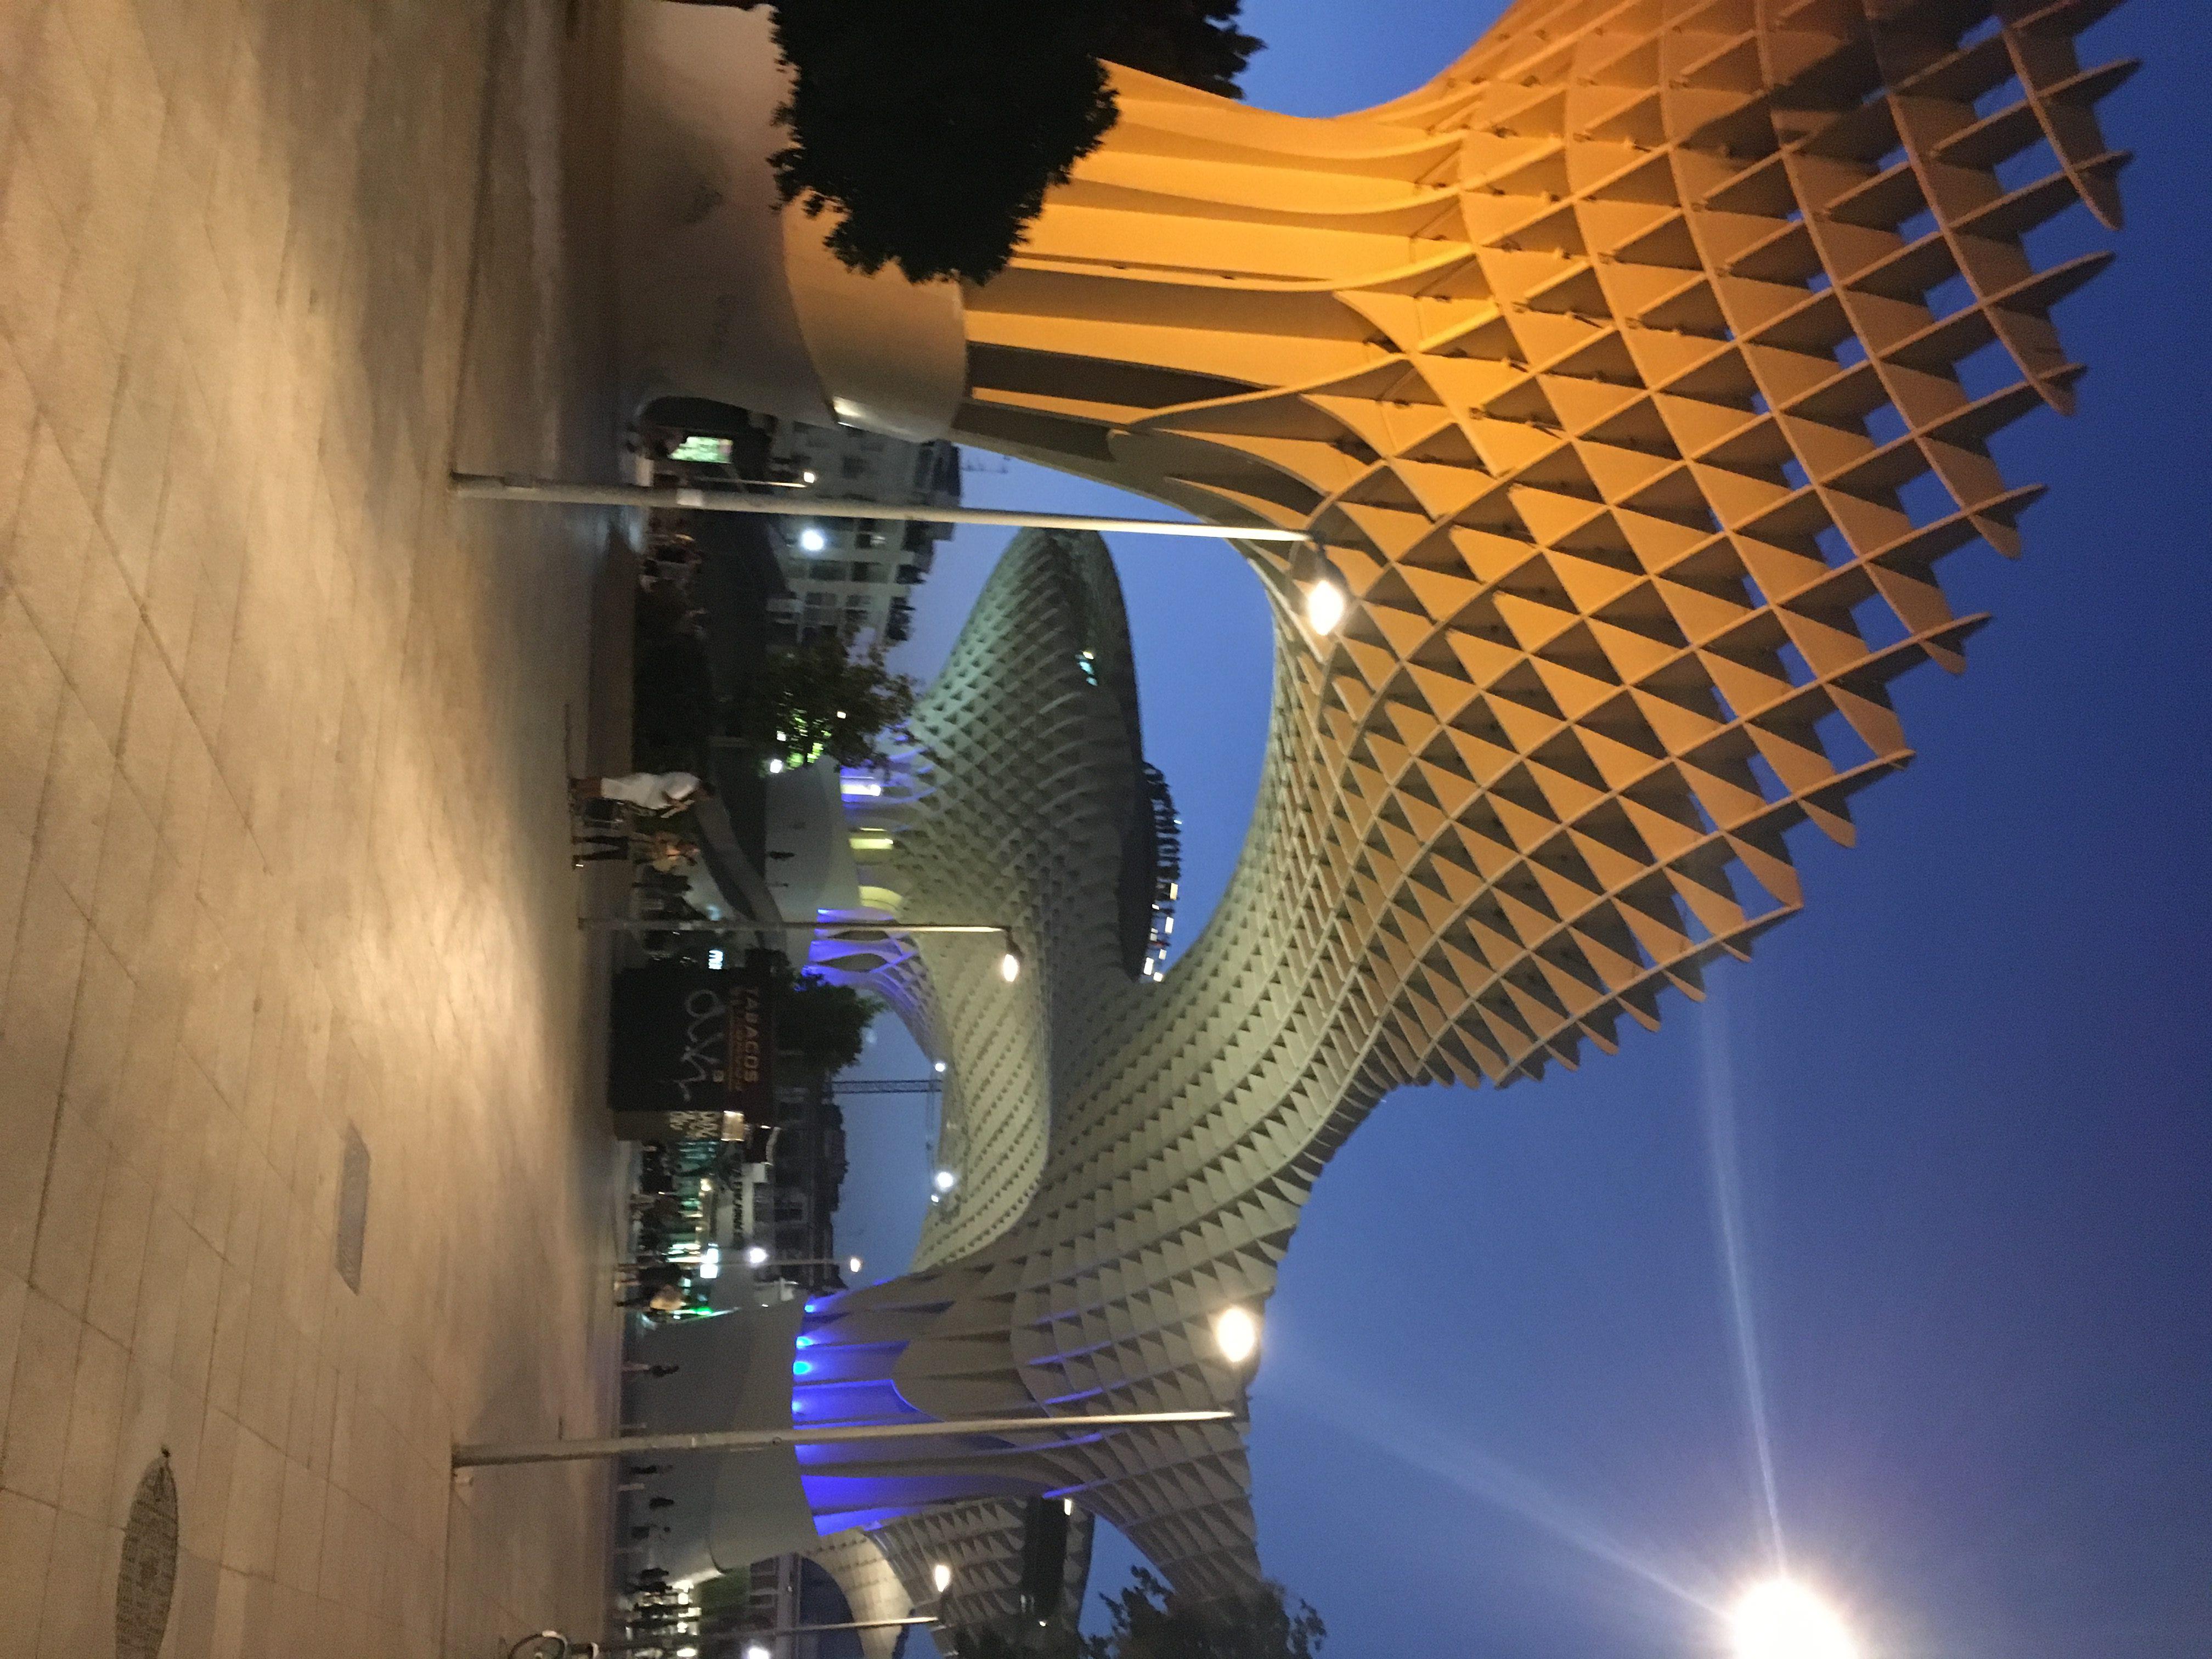 Tipps-Kurztrip-Sevilla-Handgepäck-Guide-Travel-Reiseblog-Reisen_6922